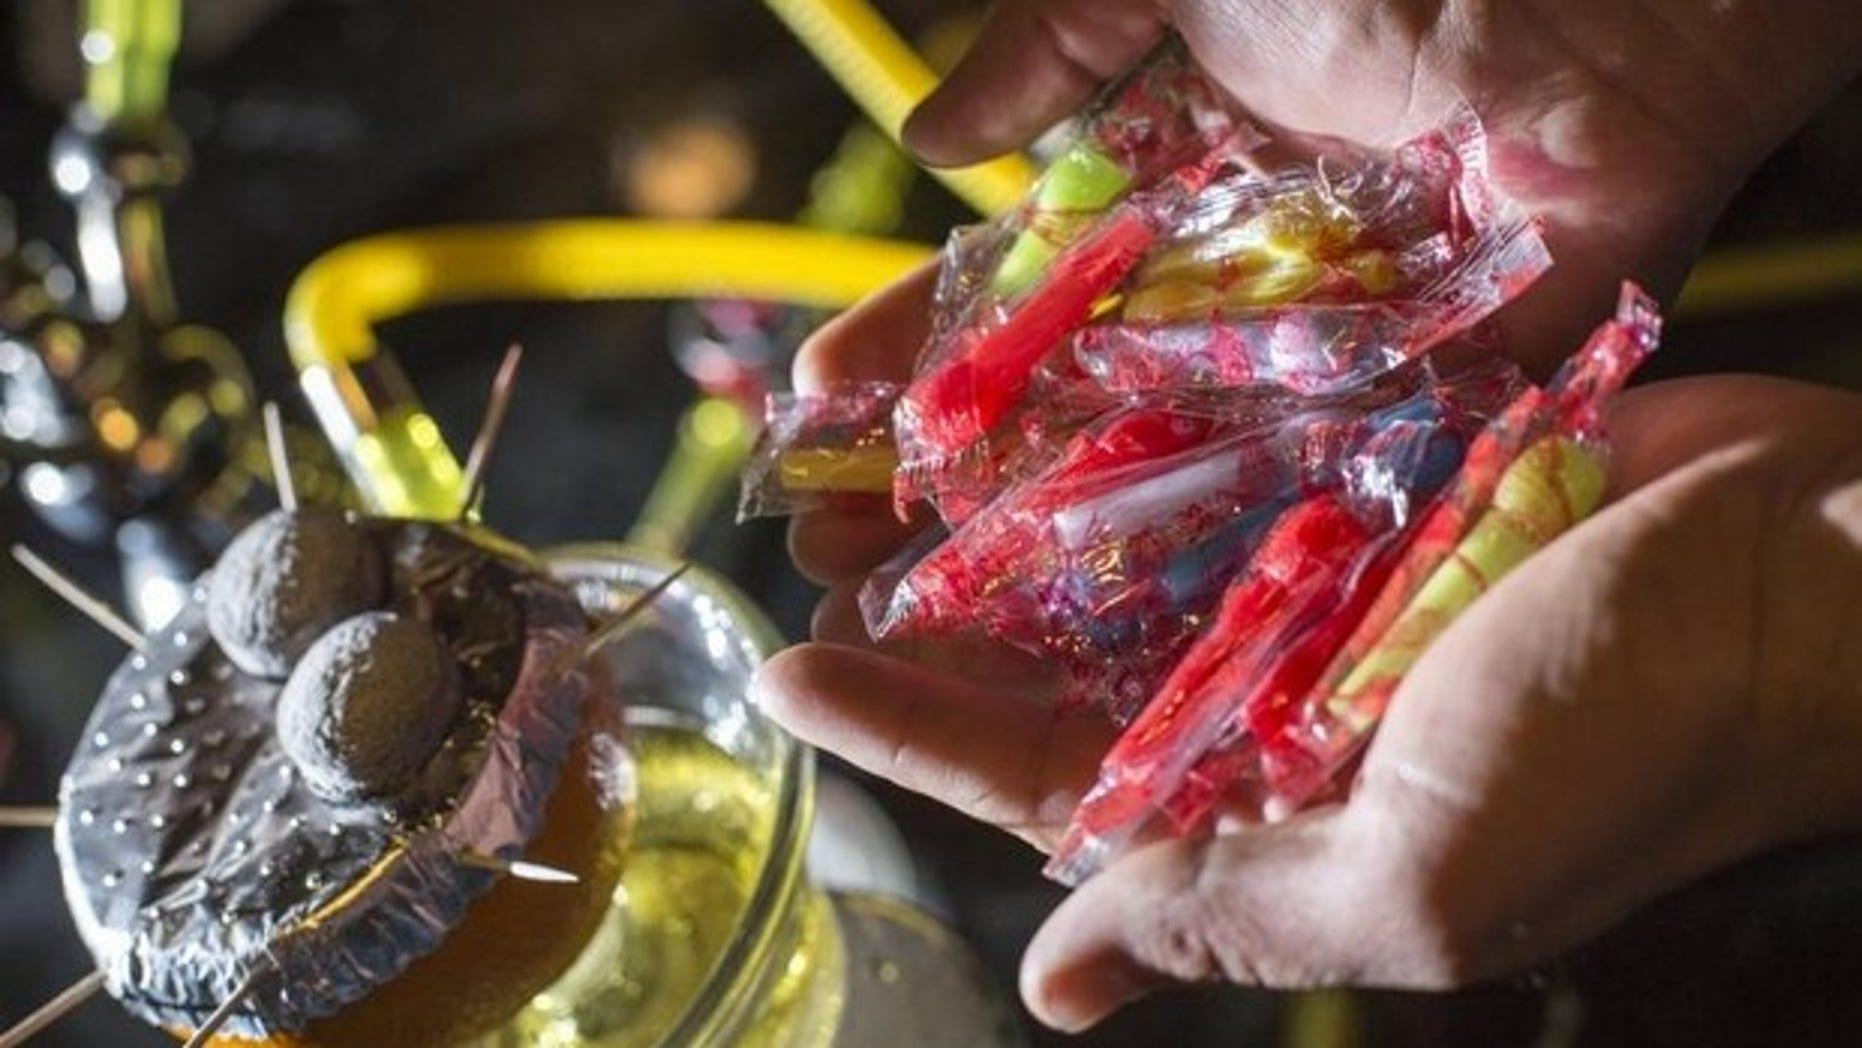 Kids Hooked on Hookah: Flavored smoking hides the dangers of